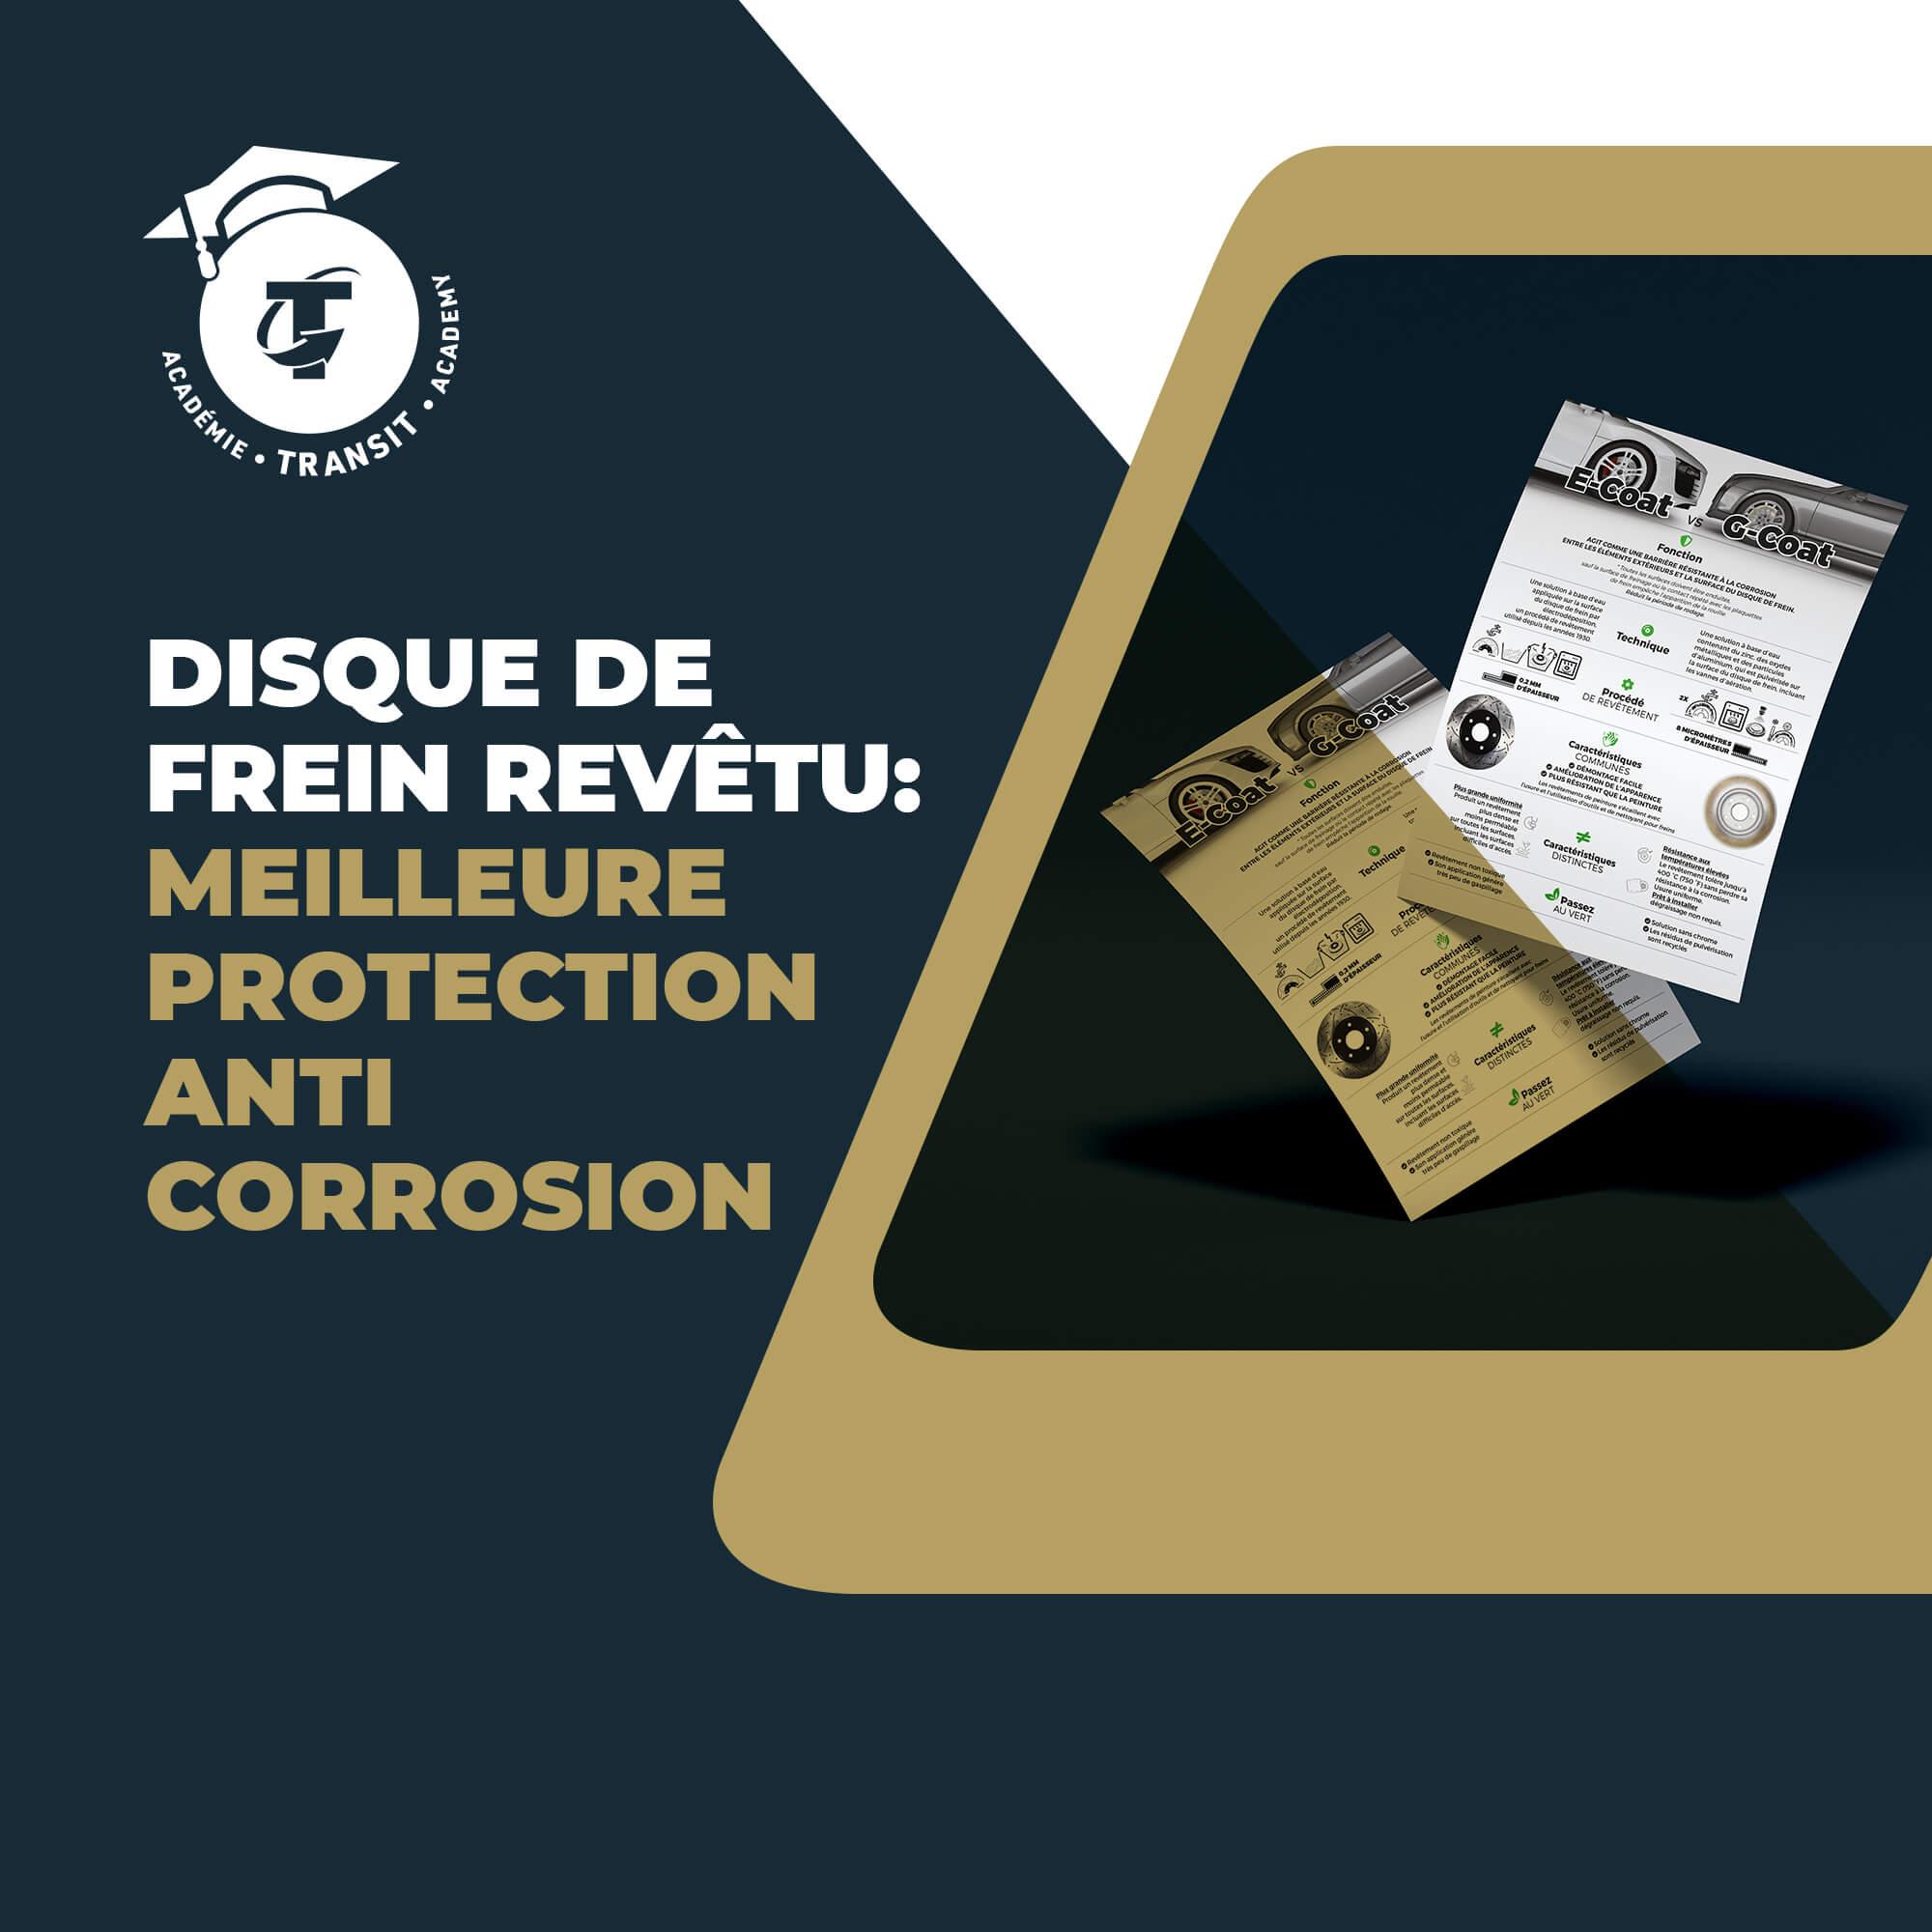 Disque de frein revêtu : meilleure protection anti corrosion